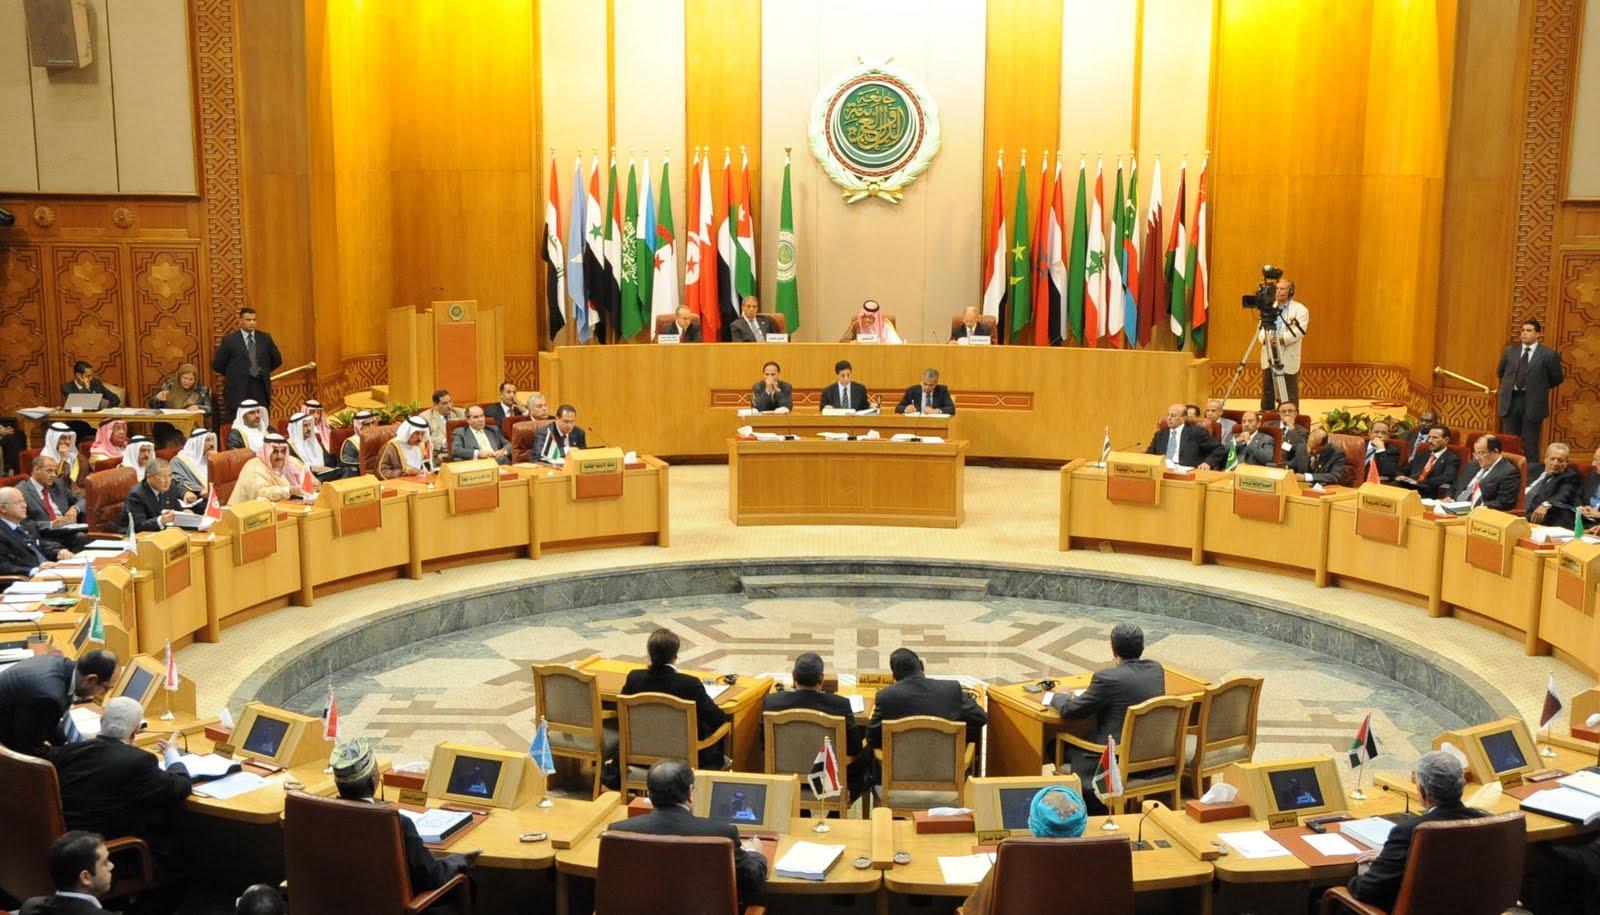 """الجامعة العربية تدين """"قانون القومية"""" الإسرائيلي وتعتبره عنصرياً وباطلاً ومرفوضاً"""